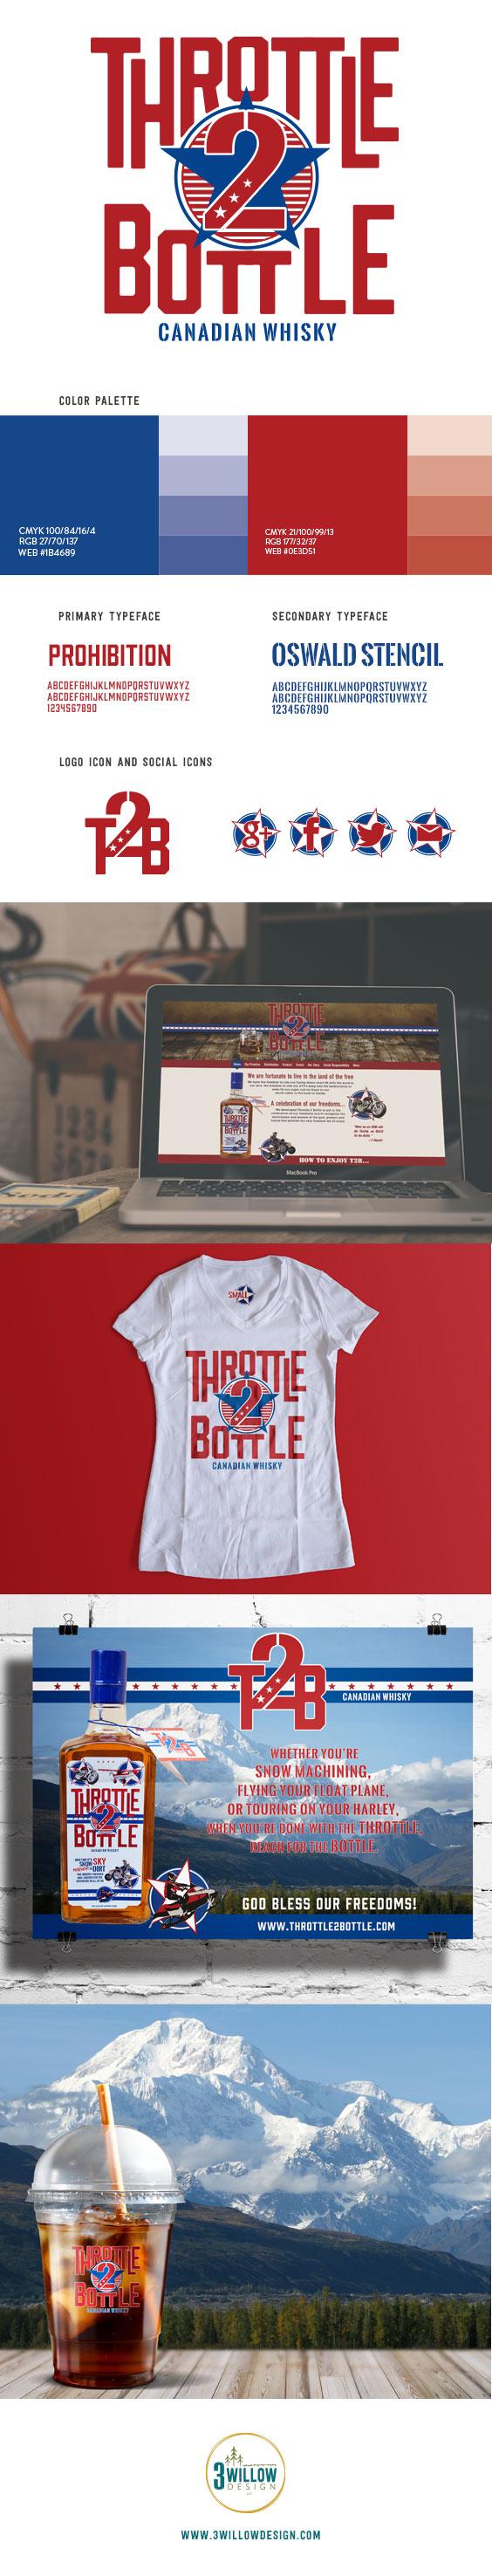 Throttle 2 Bottle branding board